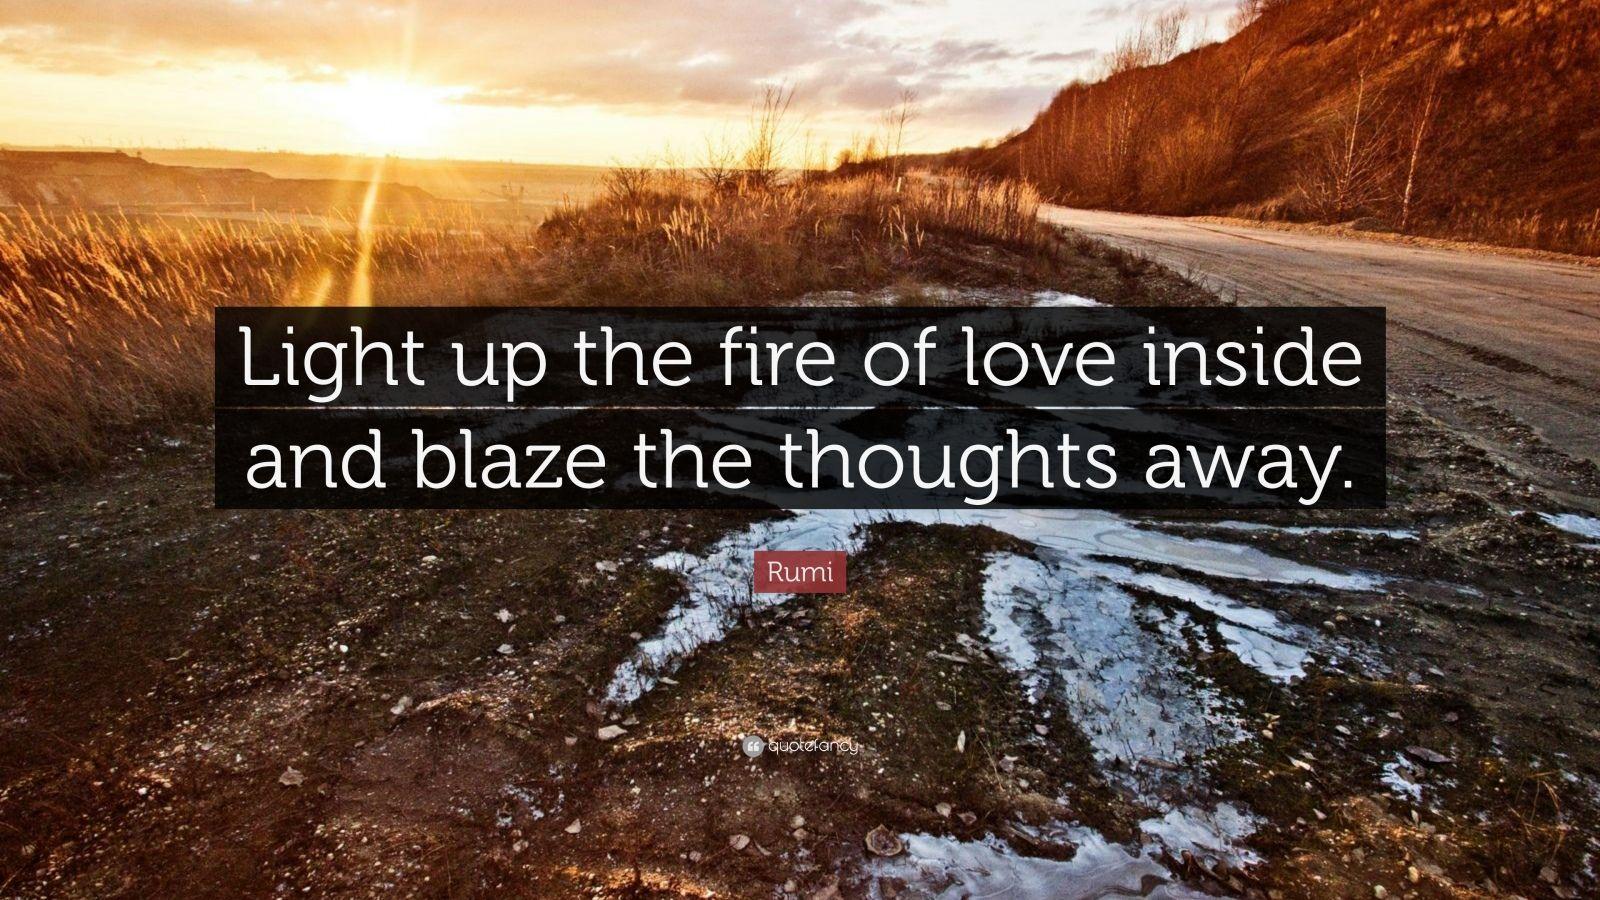 Rumi Quote Image Result For Rumi Quotes  Love  Pinterest  Rumi Quotes